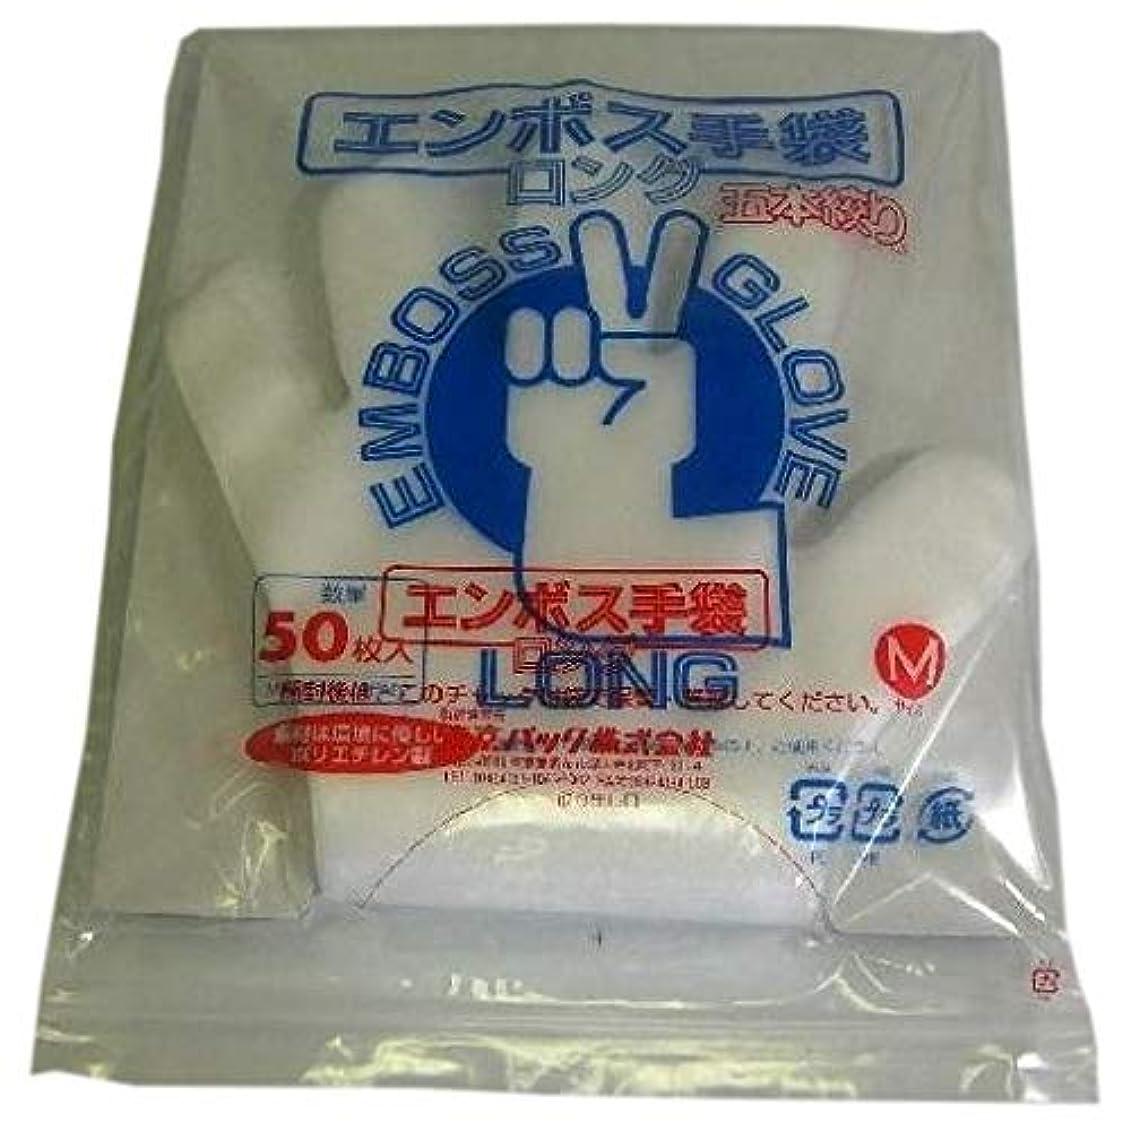 アークデータベース孤独エンボス手袋ロング 5本絞り ナチュラル M 50枚入x10袋入り